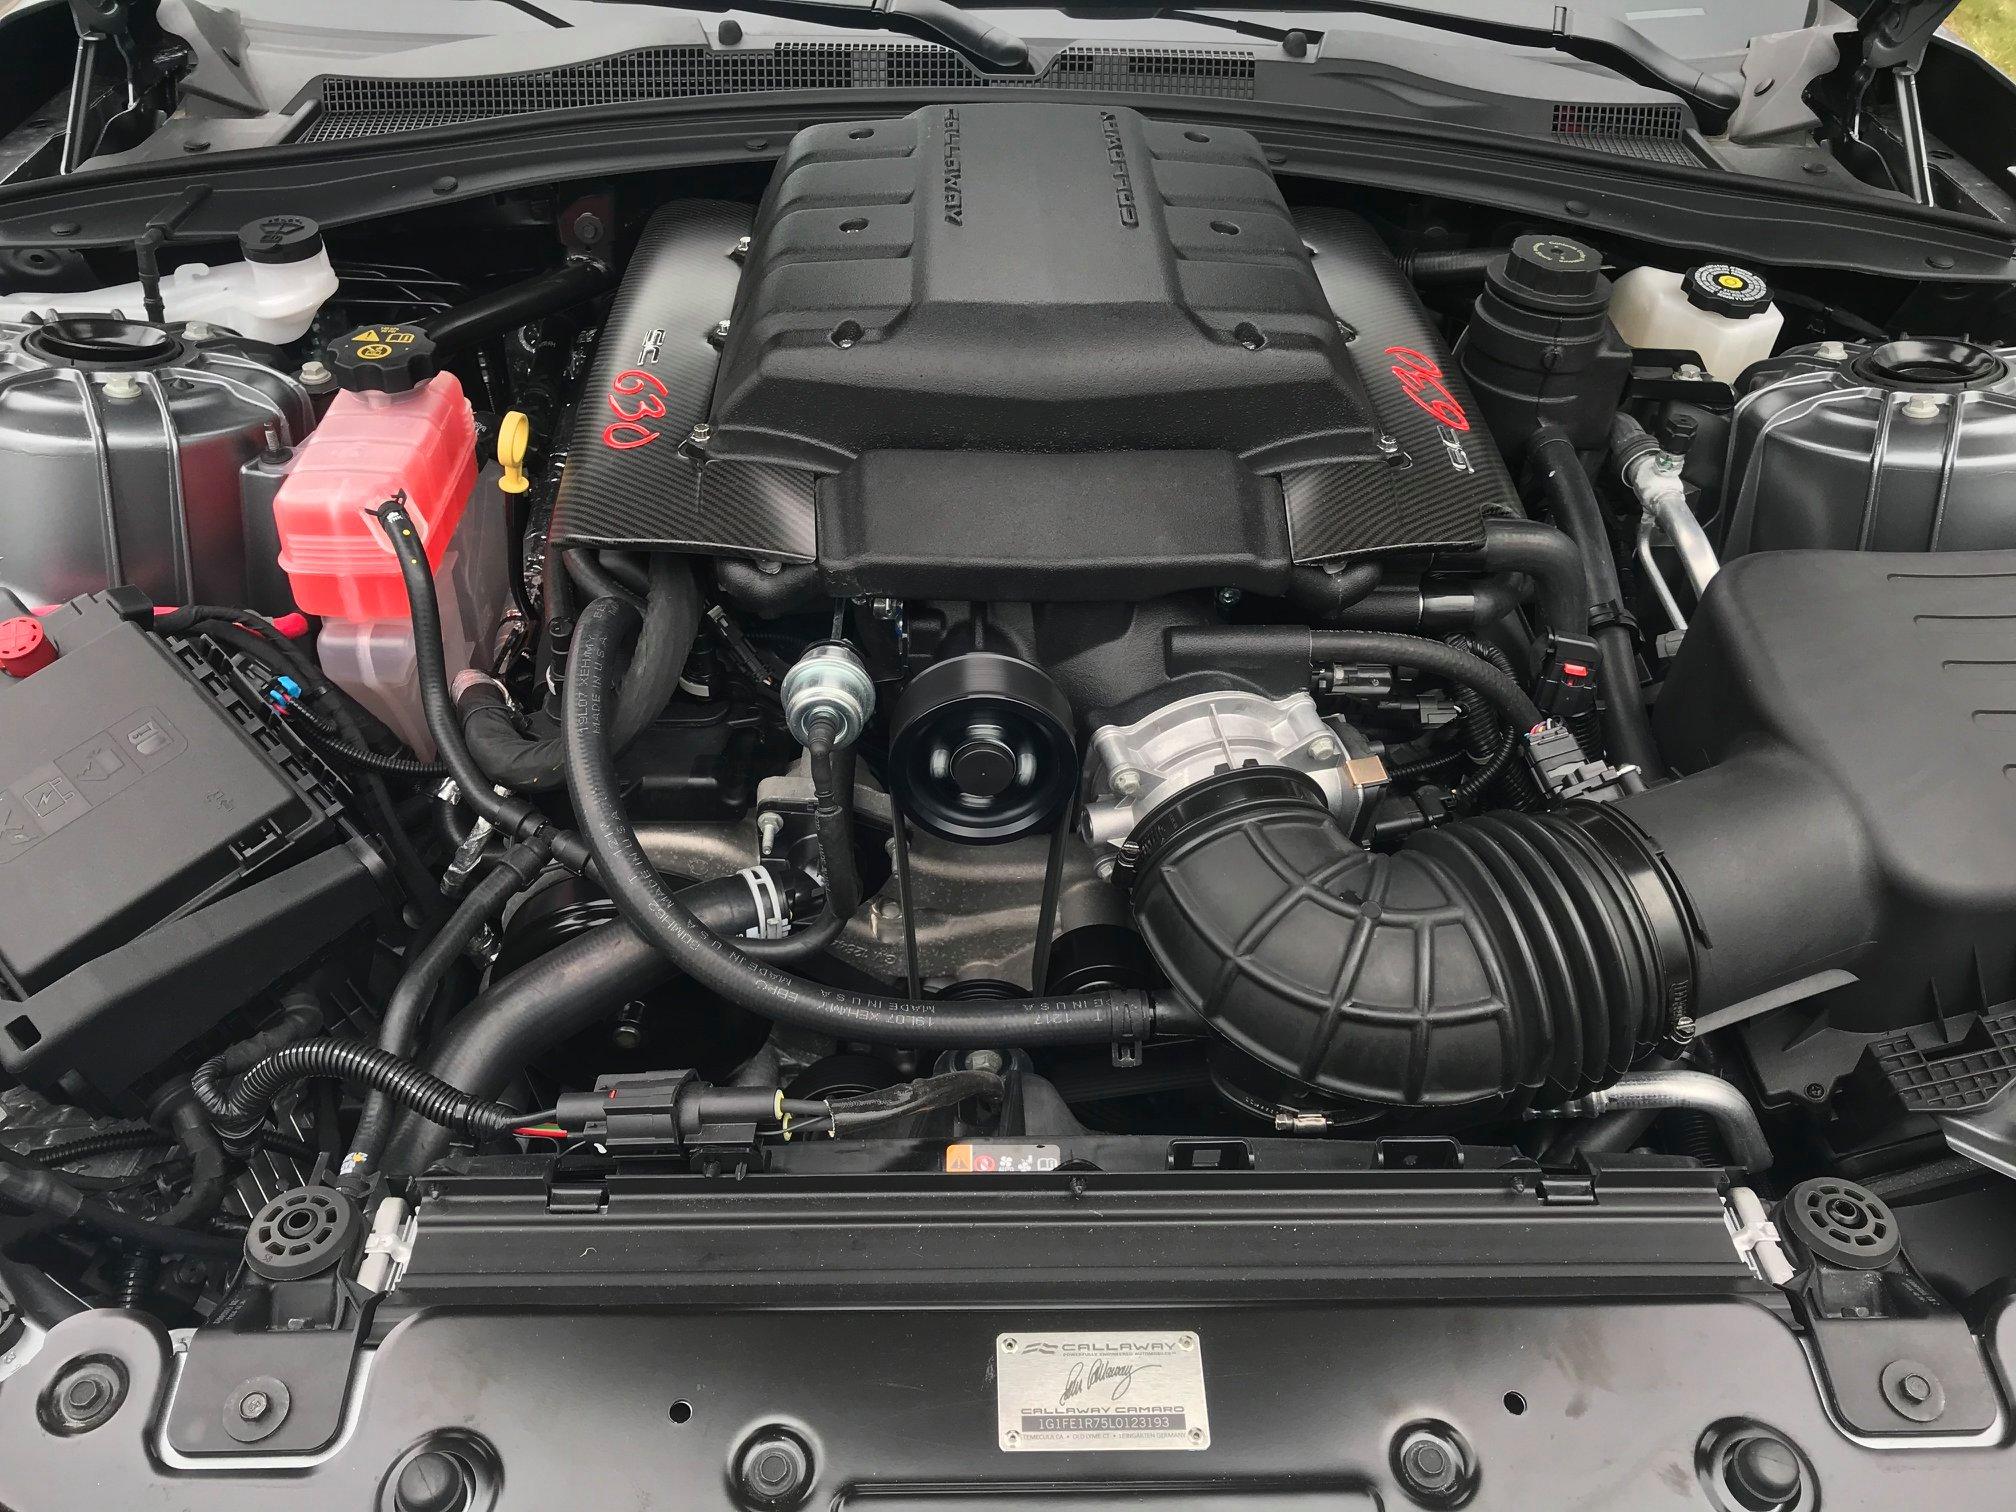 Callaway-Chevrolet-Camaro-SC630-8